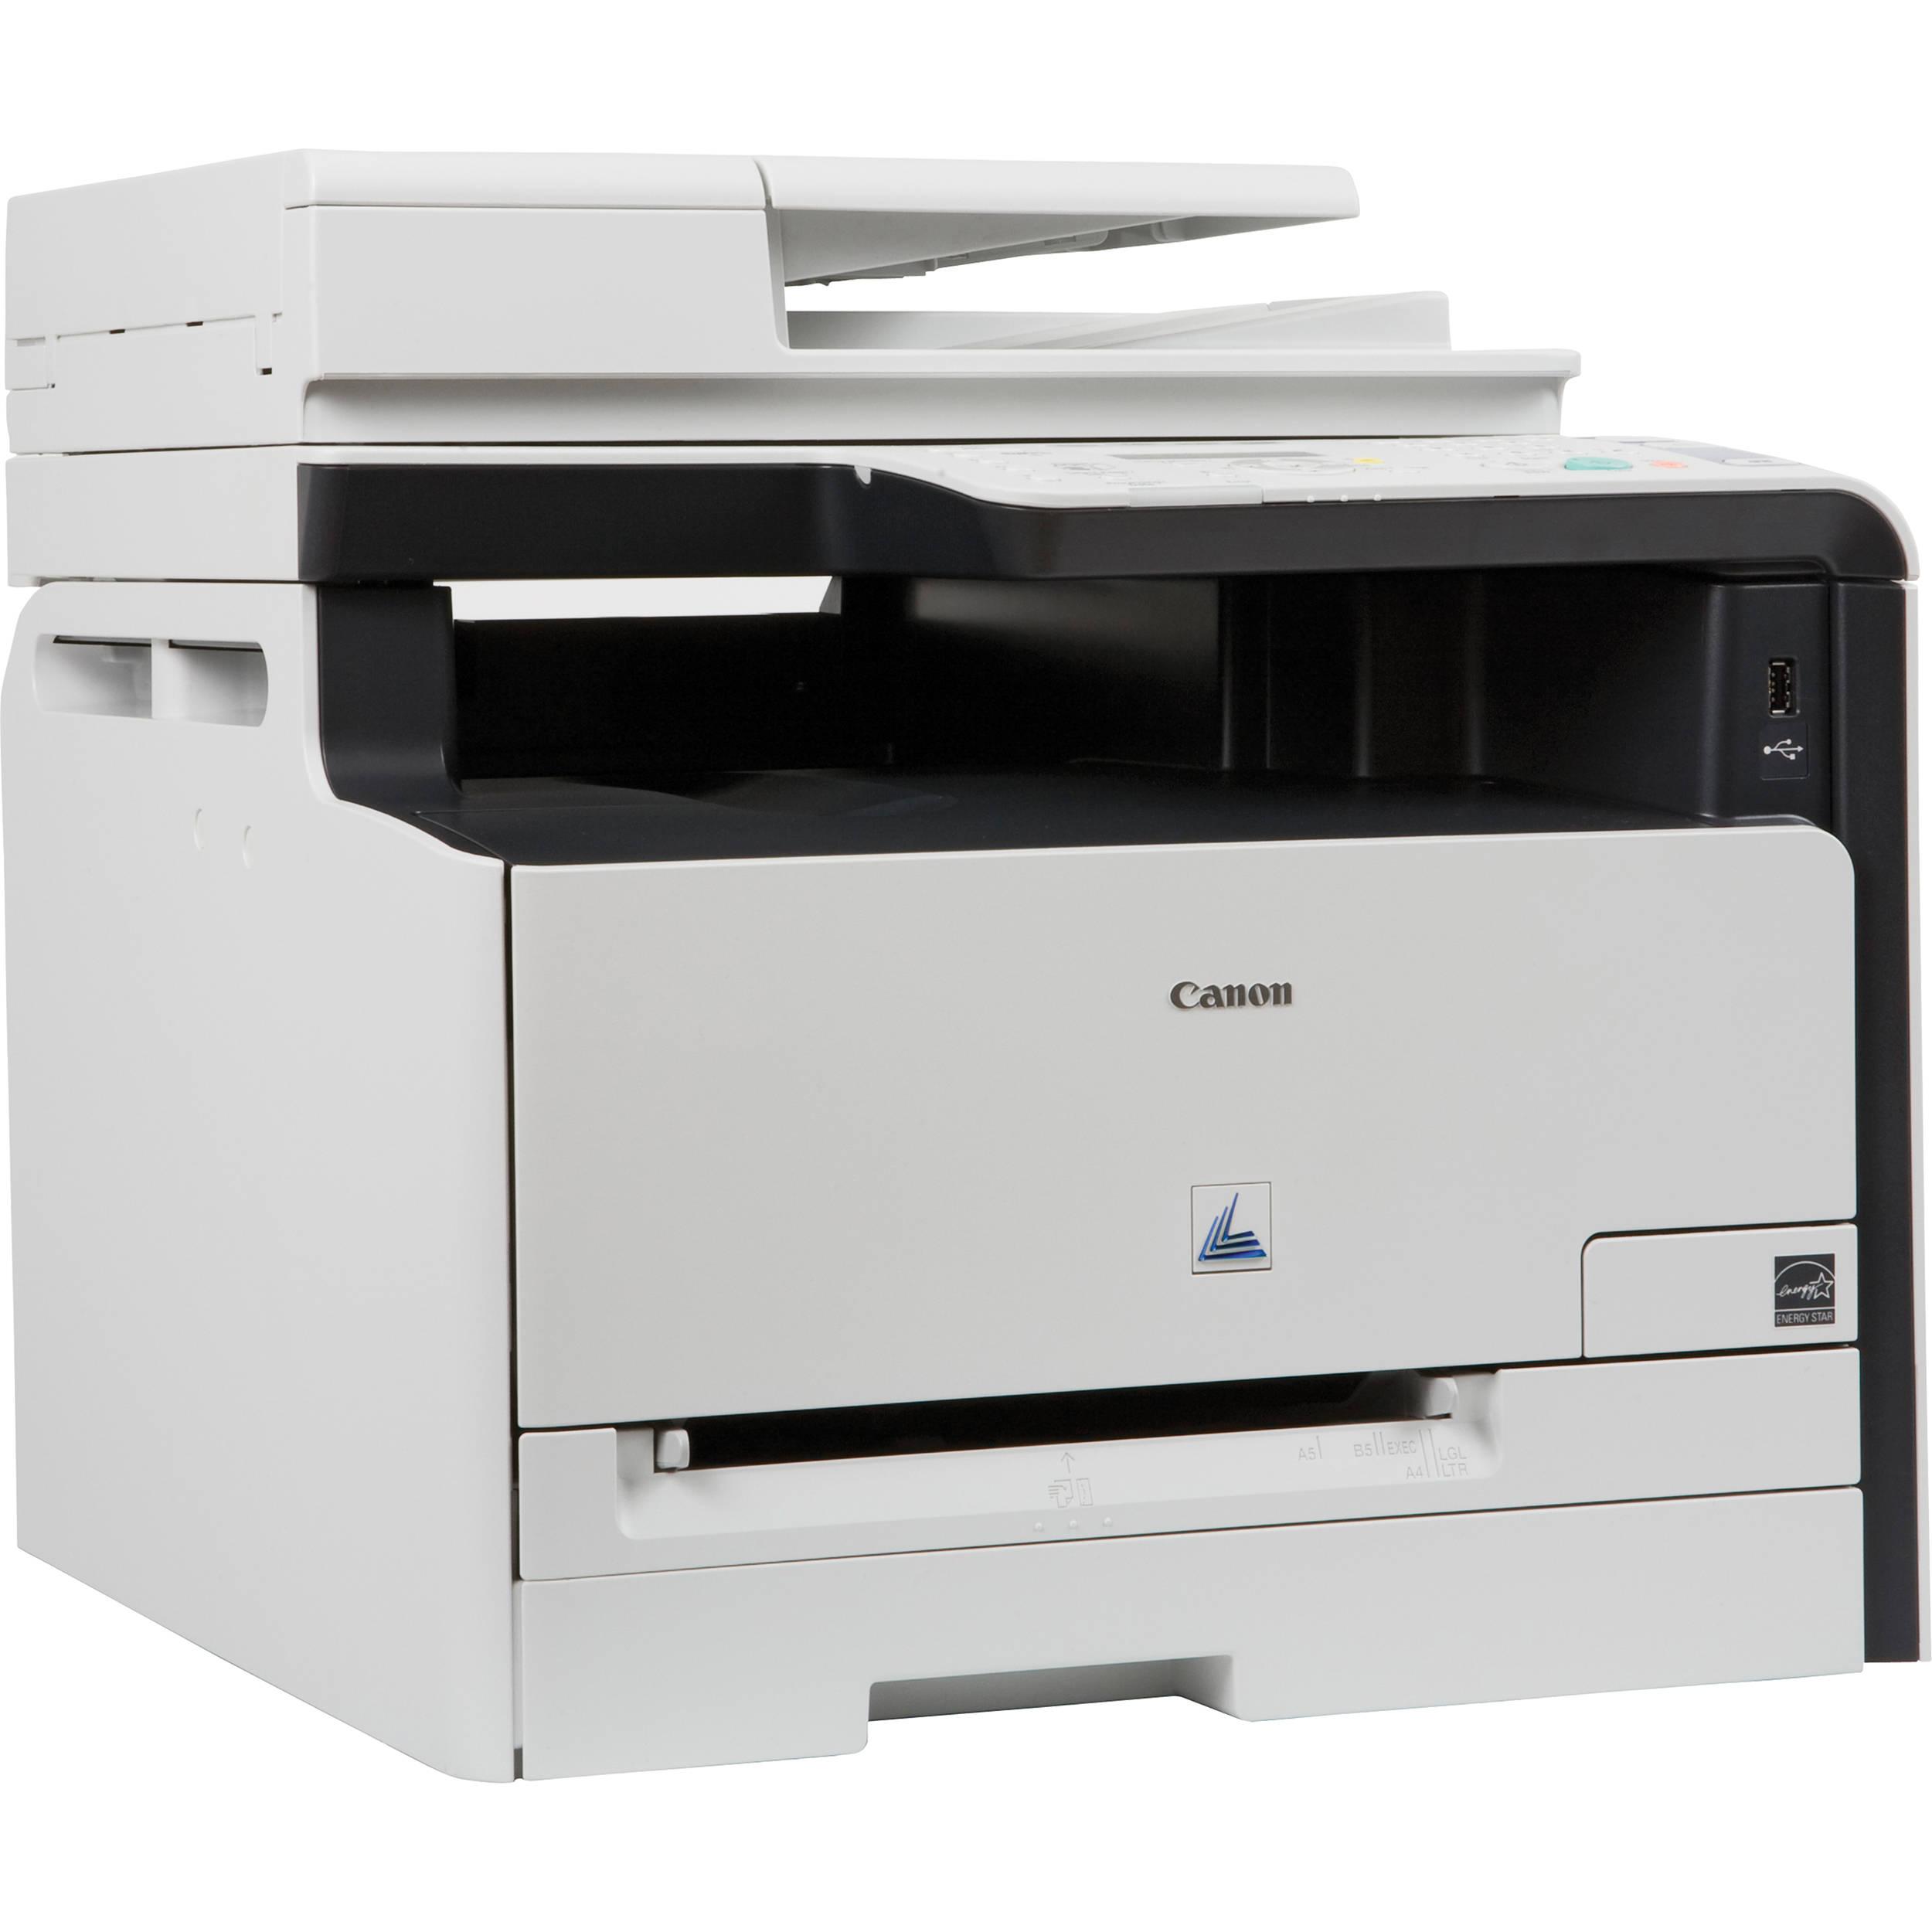 Color printer wireless - Canon Imageclass Mf8080cw All In One Wireless Color Laser Printer